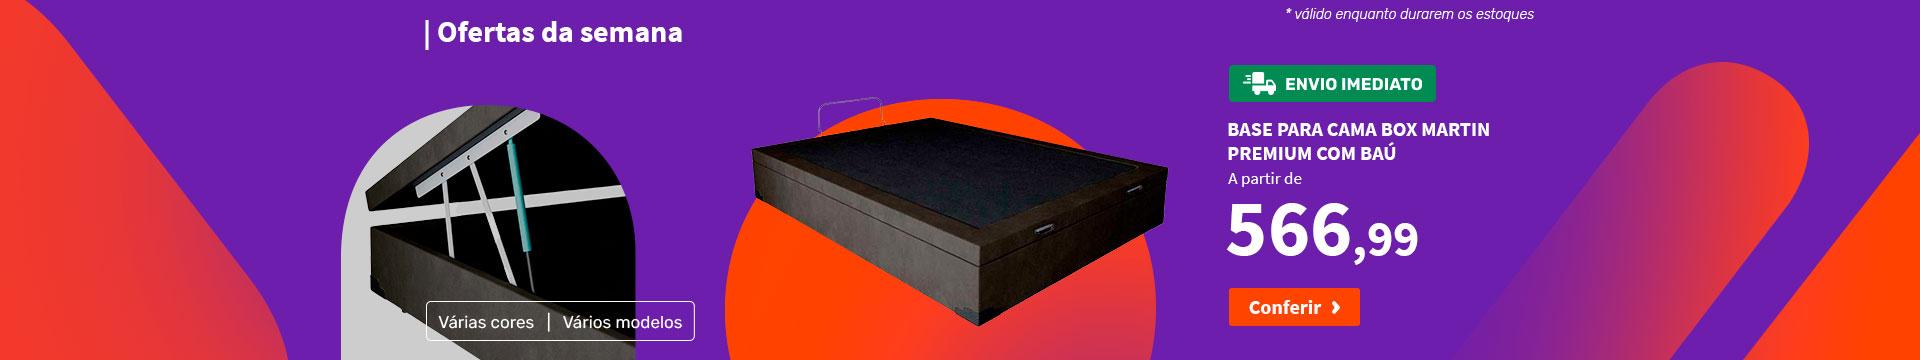 Base para Cama Box Martin Premium com Baú - Ofertas da semana